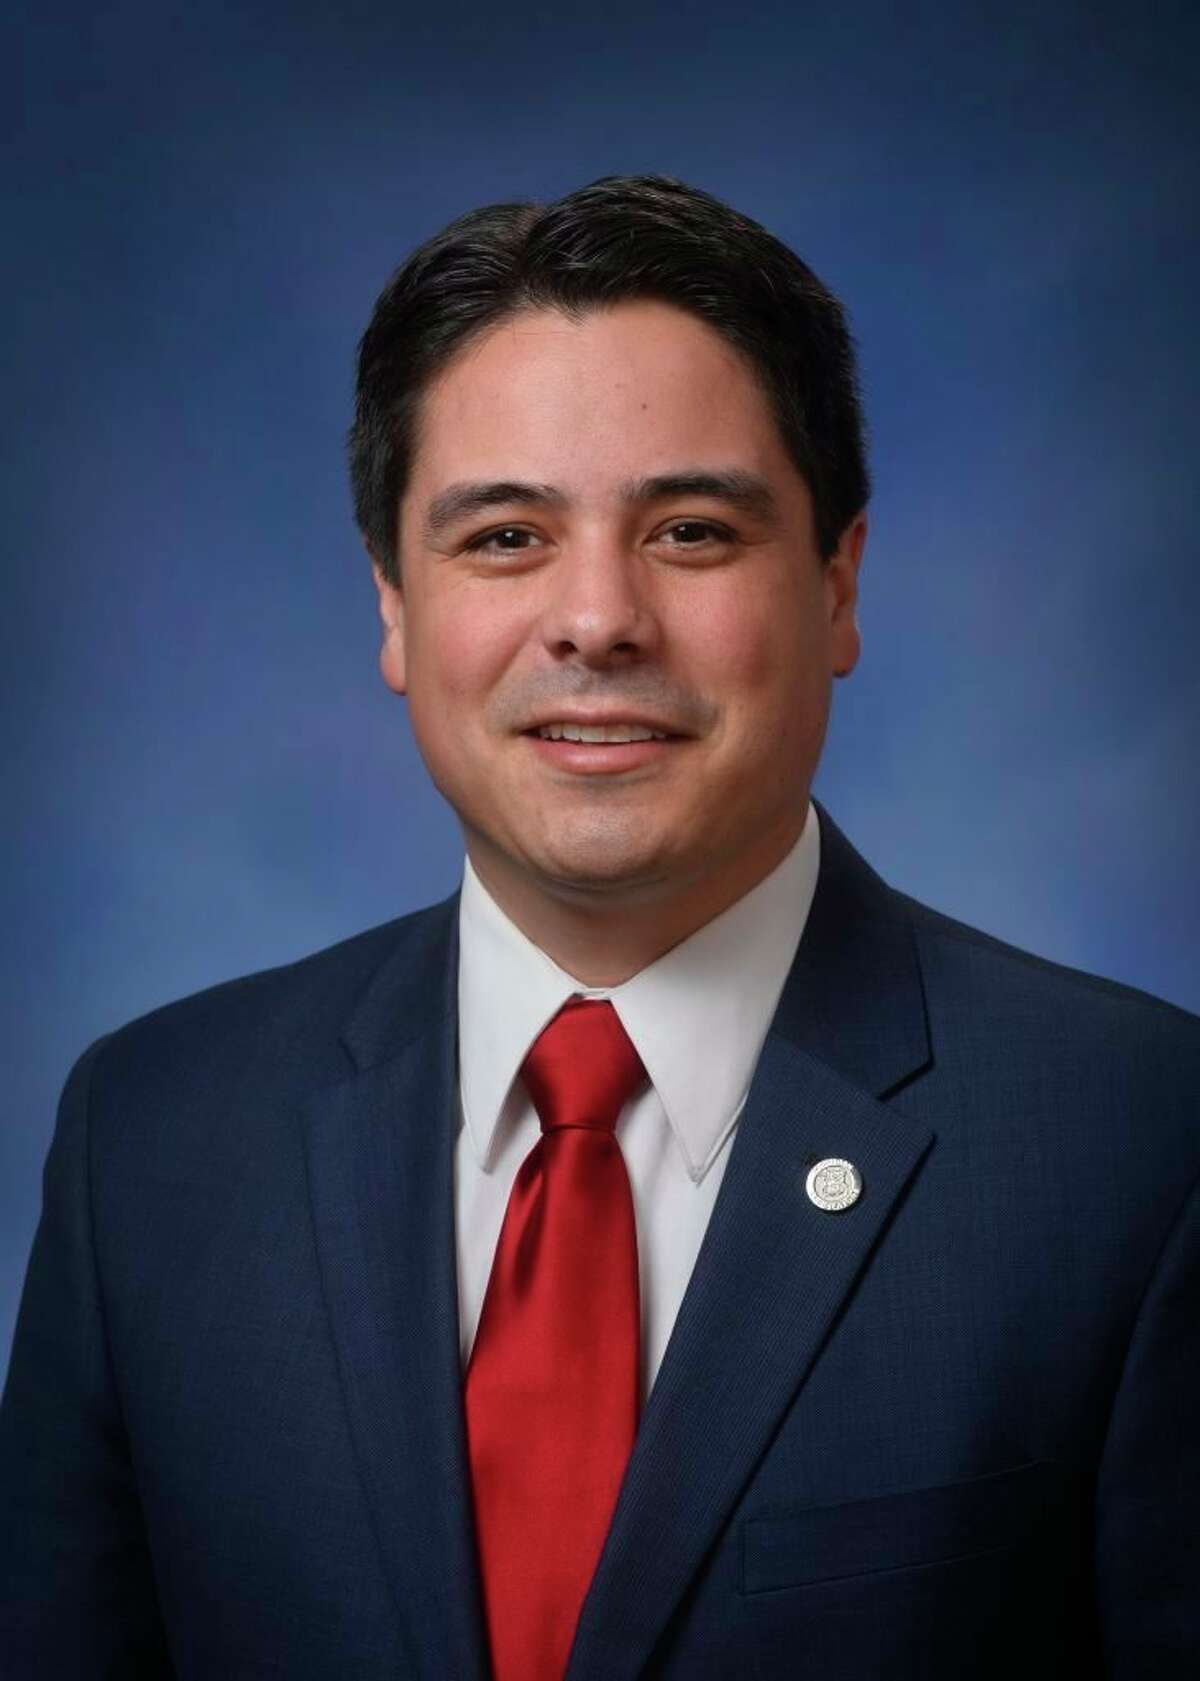 State Representative Shane Hernandez (Tribune File Photo)